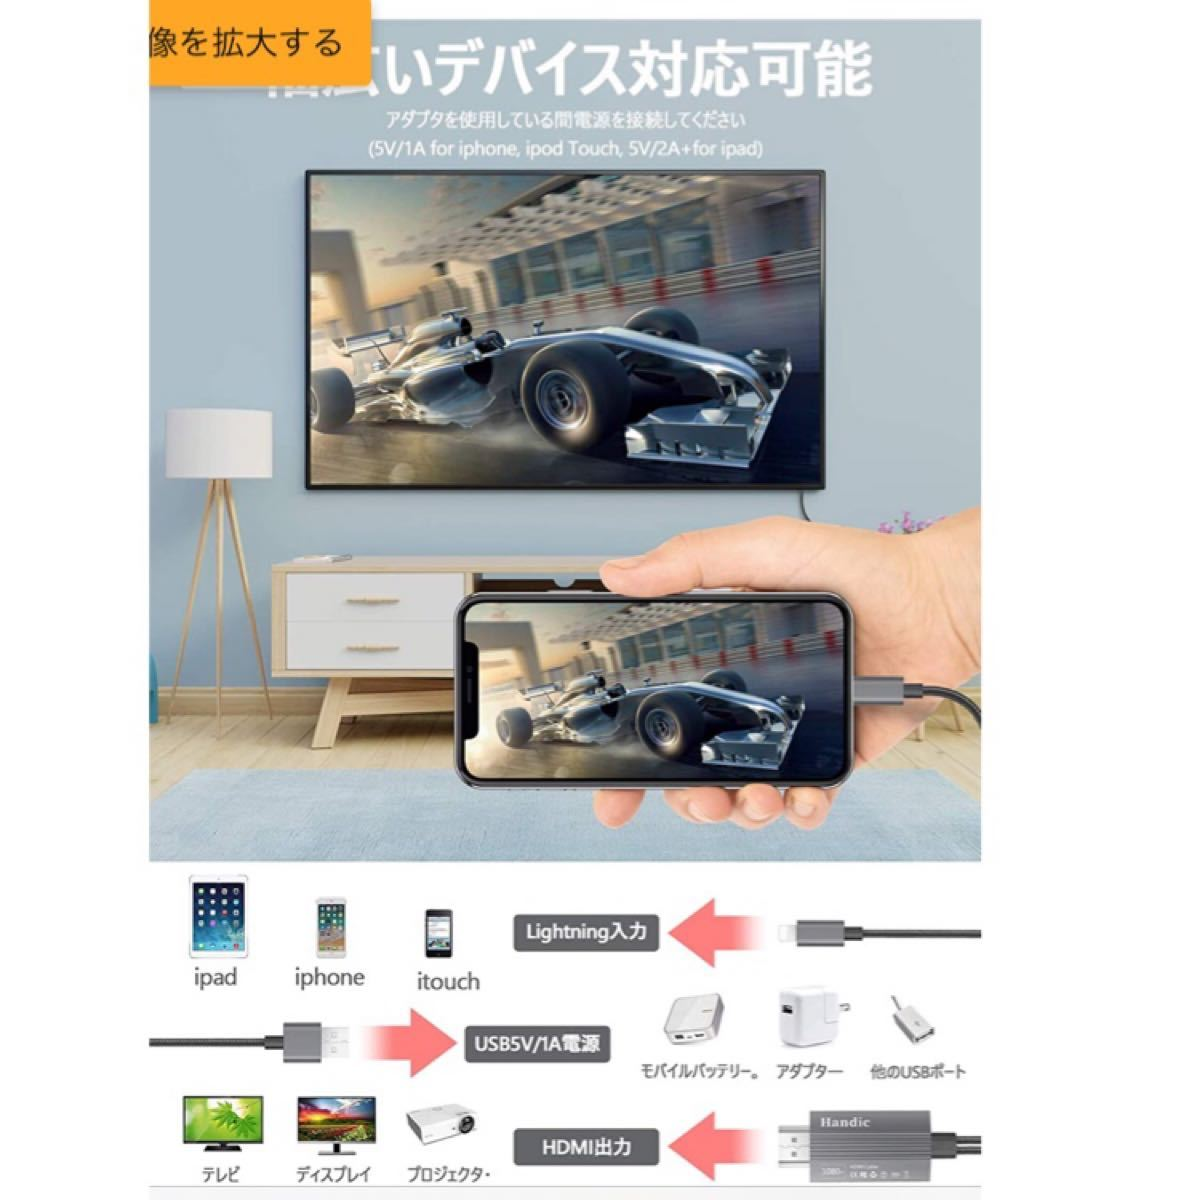 【新品 未使用】iphone HDMI 変換 ケーブル